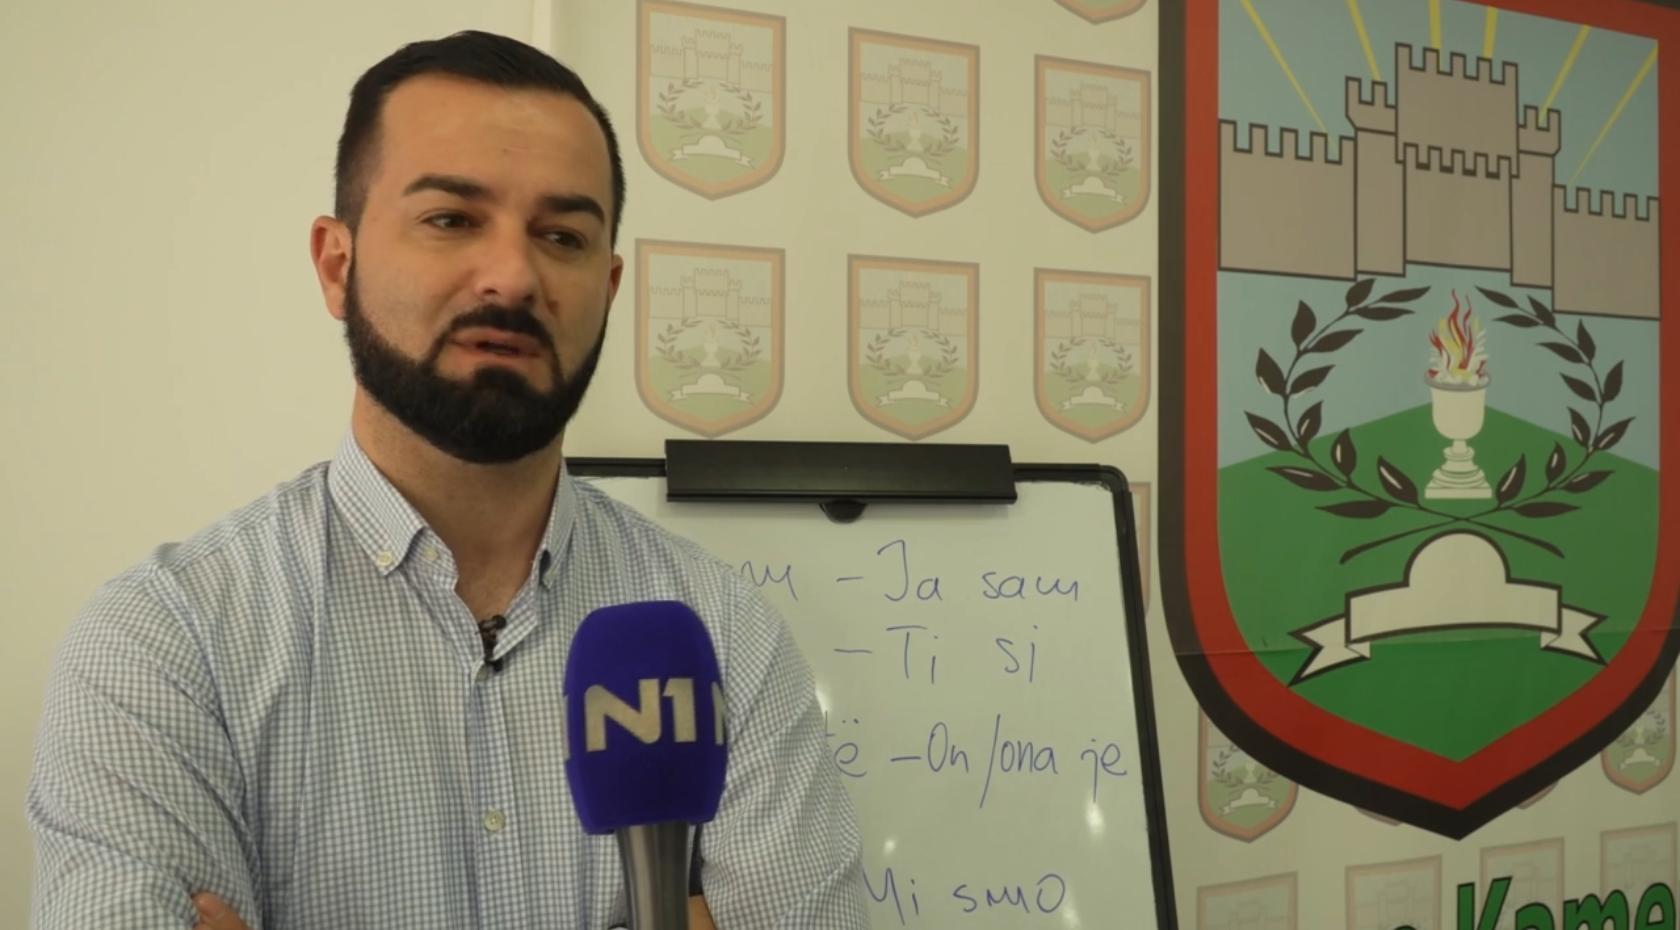 prvi-korak-za-bolje-odnose-srbi-u-kamenici-uce-albanski-a-albanci-srpski